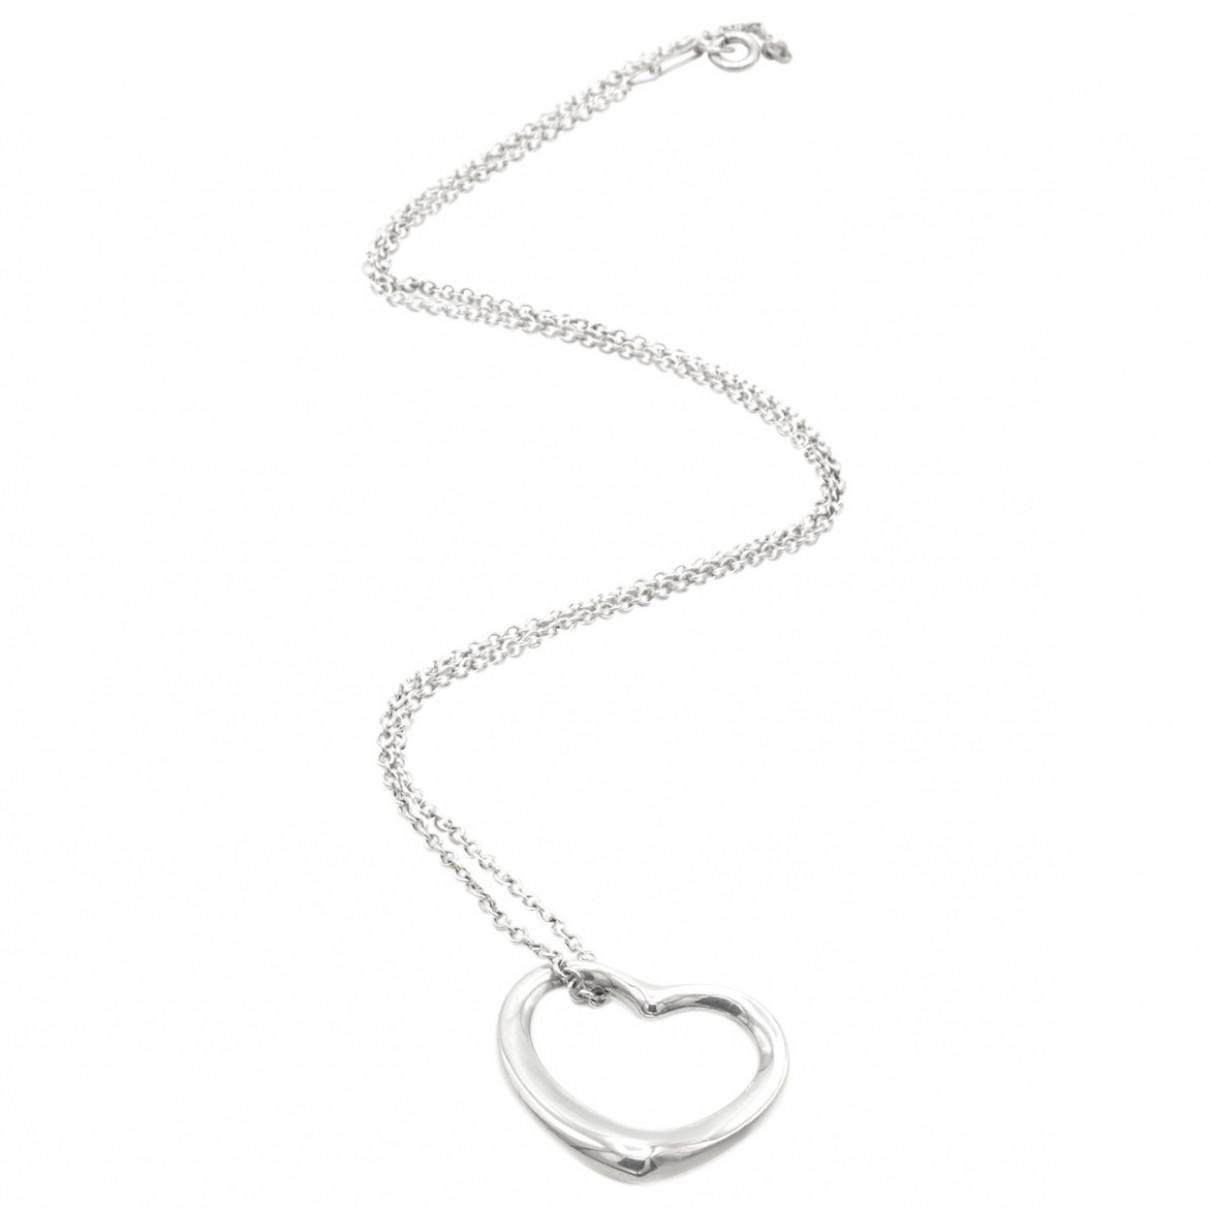 Collar Elsa Peretti  de Plata Tiffany & Co